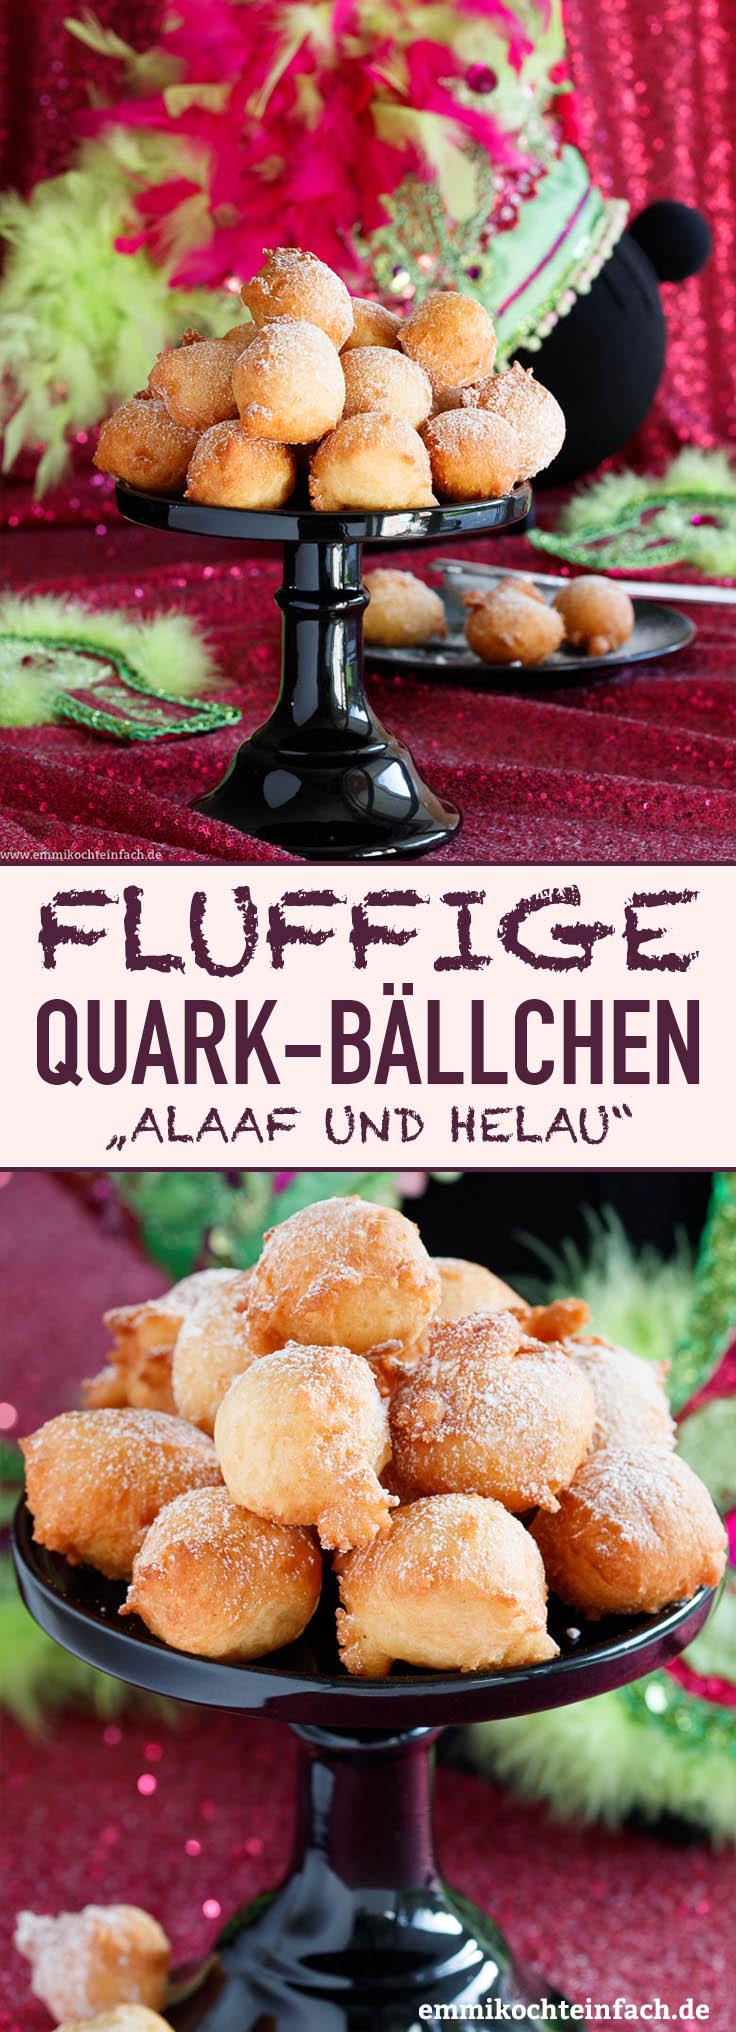 Quarkbällchen - www.emmikochteinfach.de